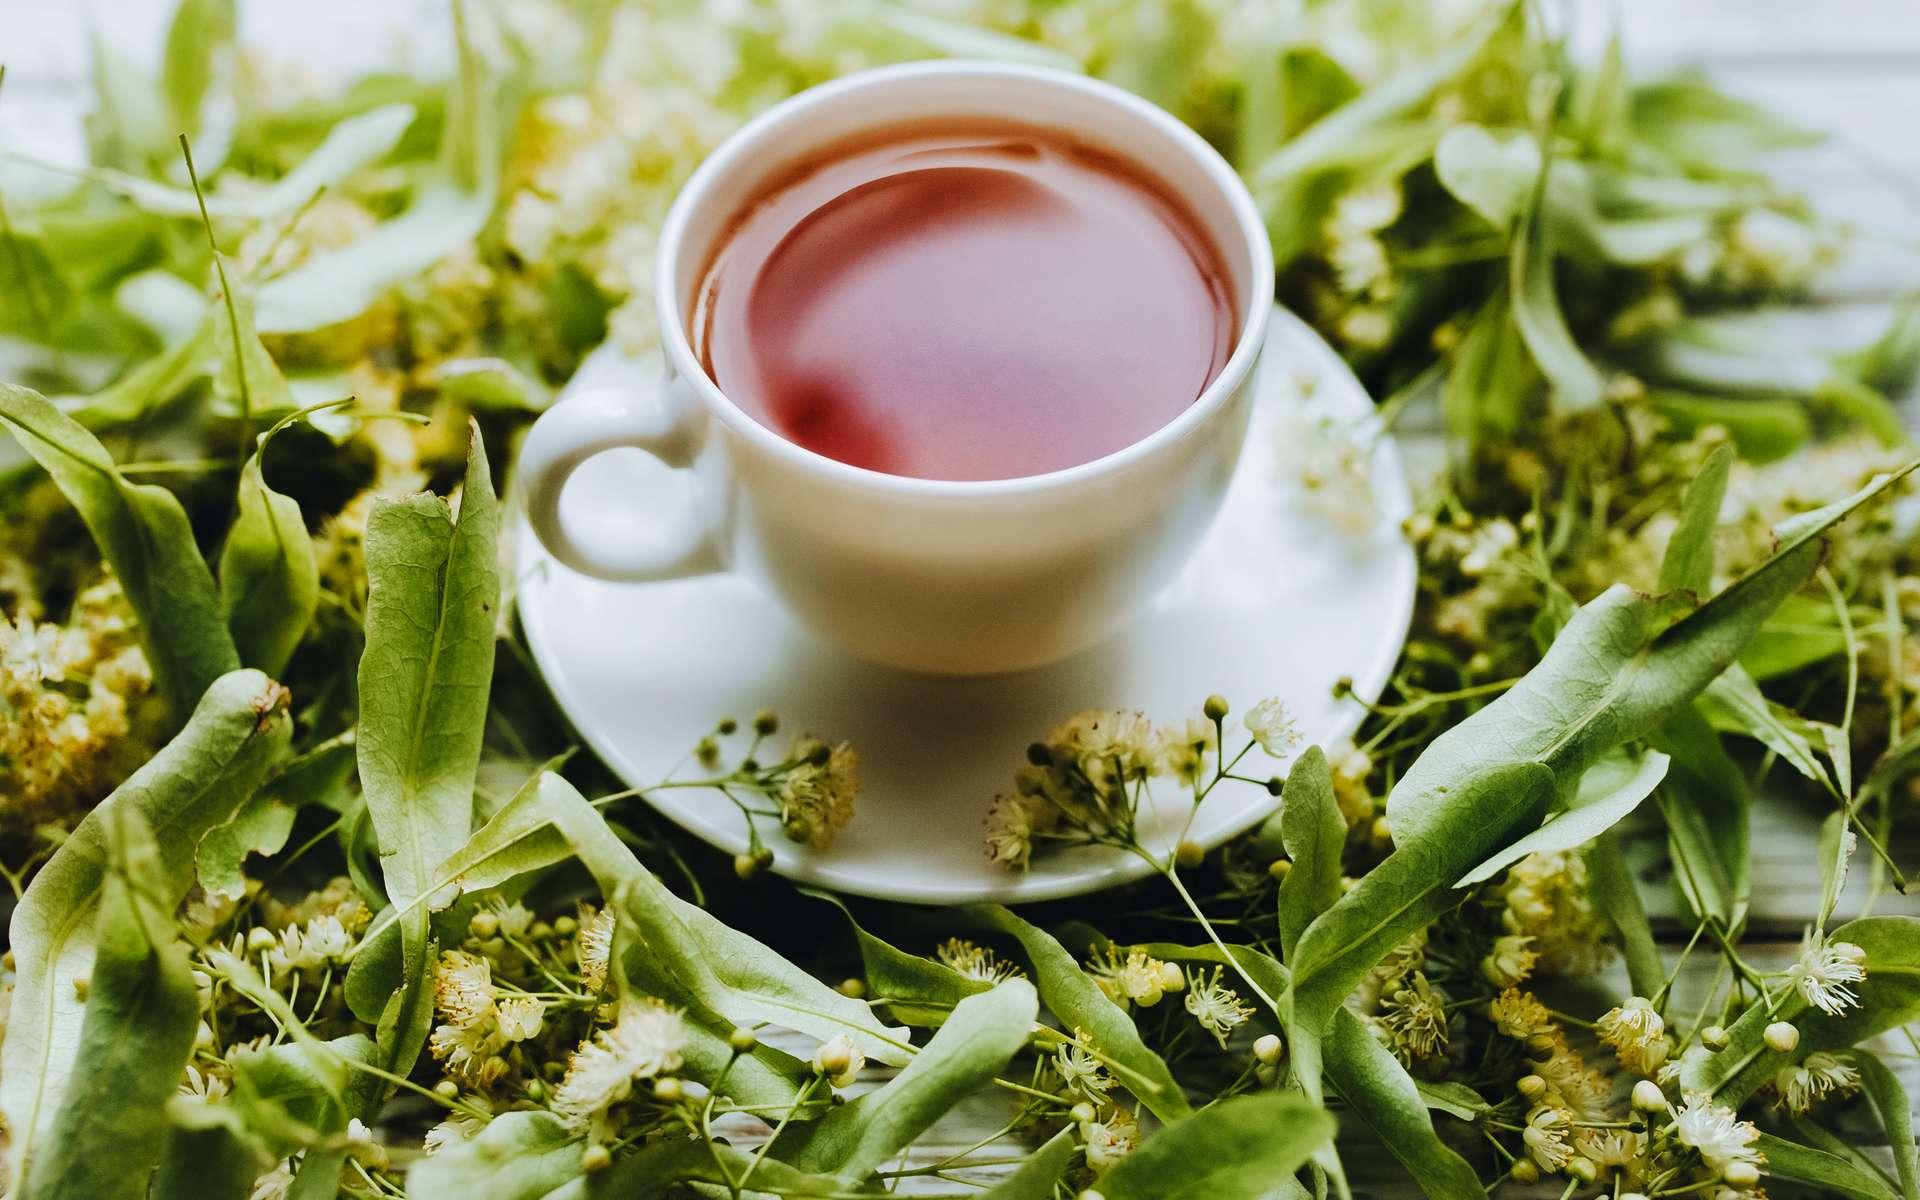 L'acide protocatéchique, un métabolite présent dans le thé vert. © shchus, Adobe Stock